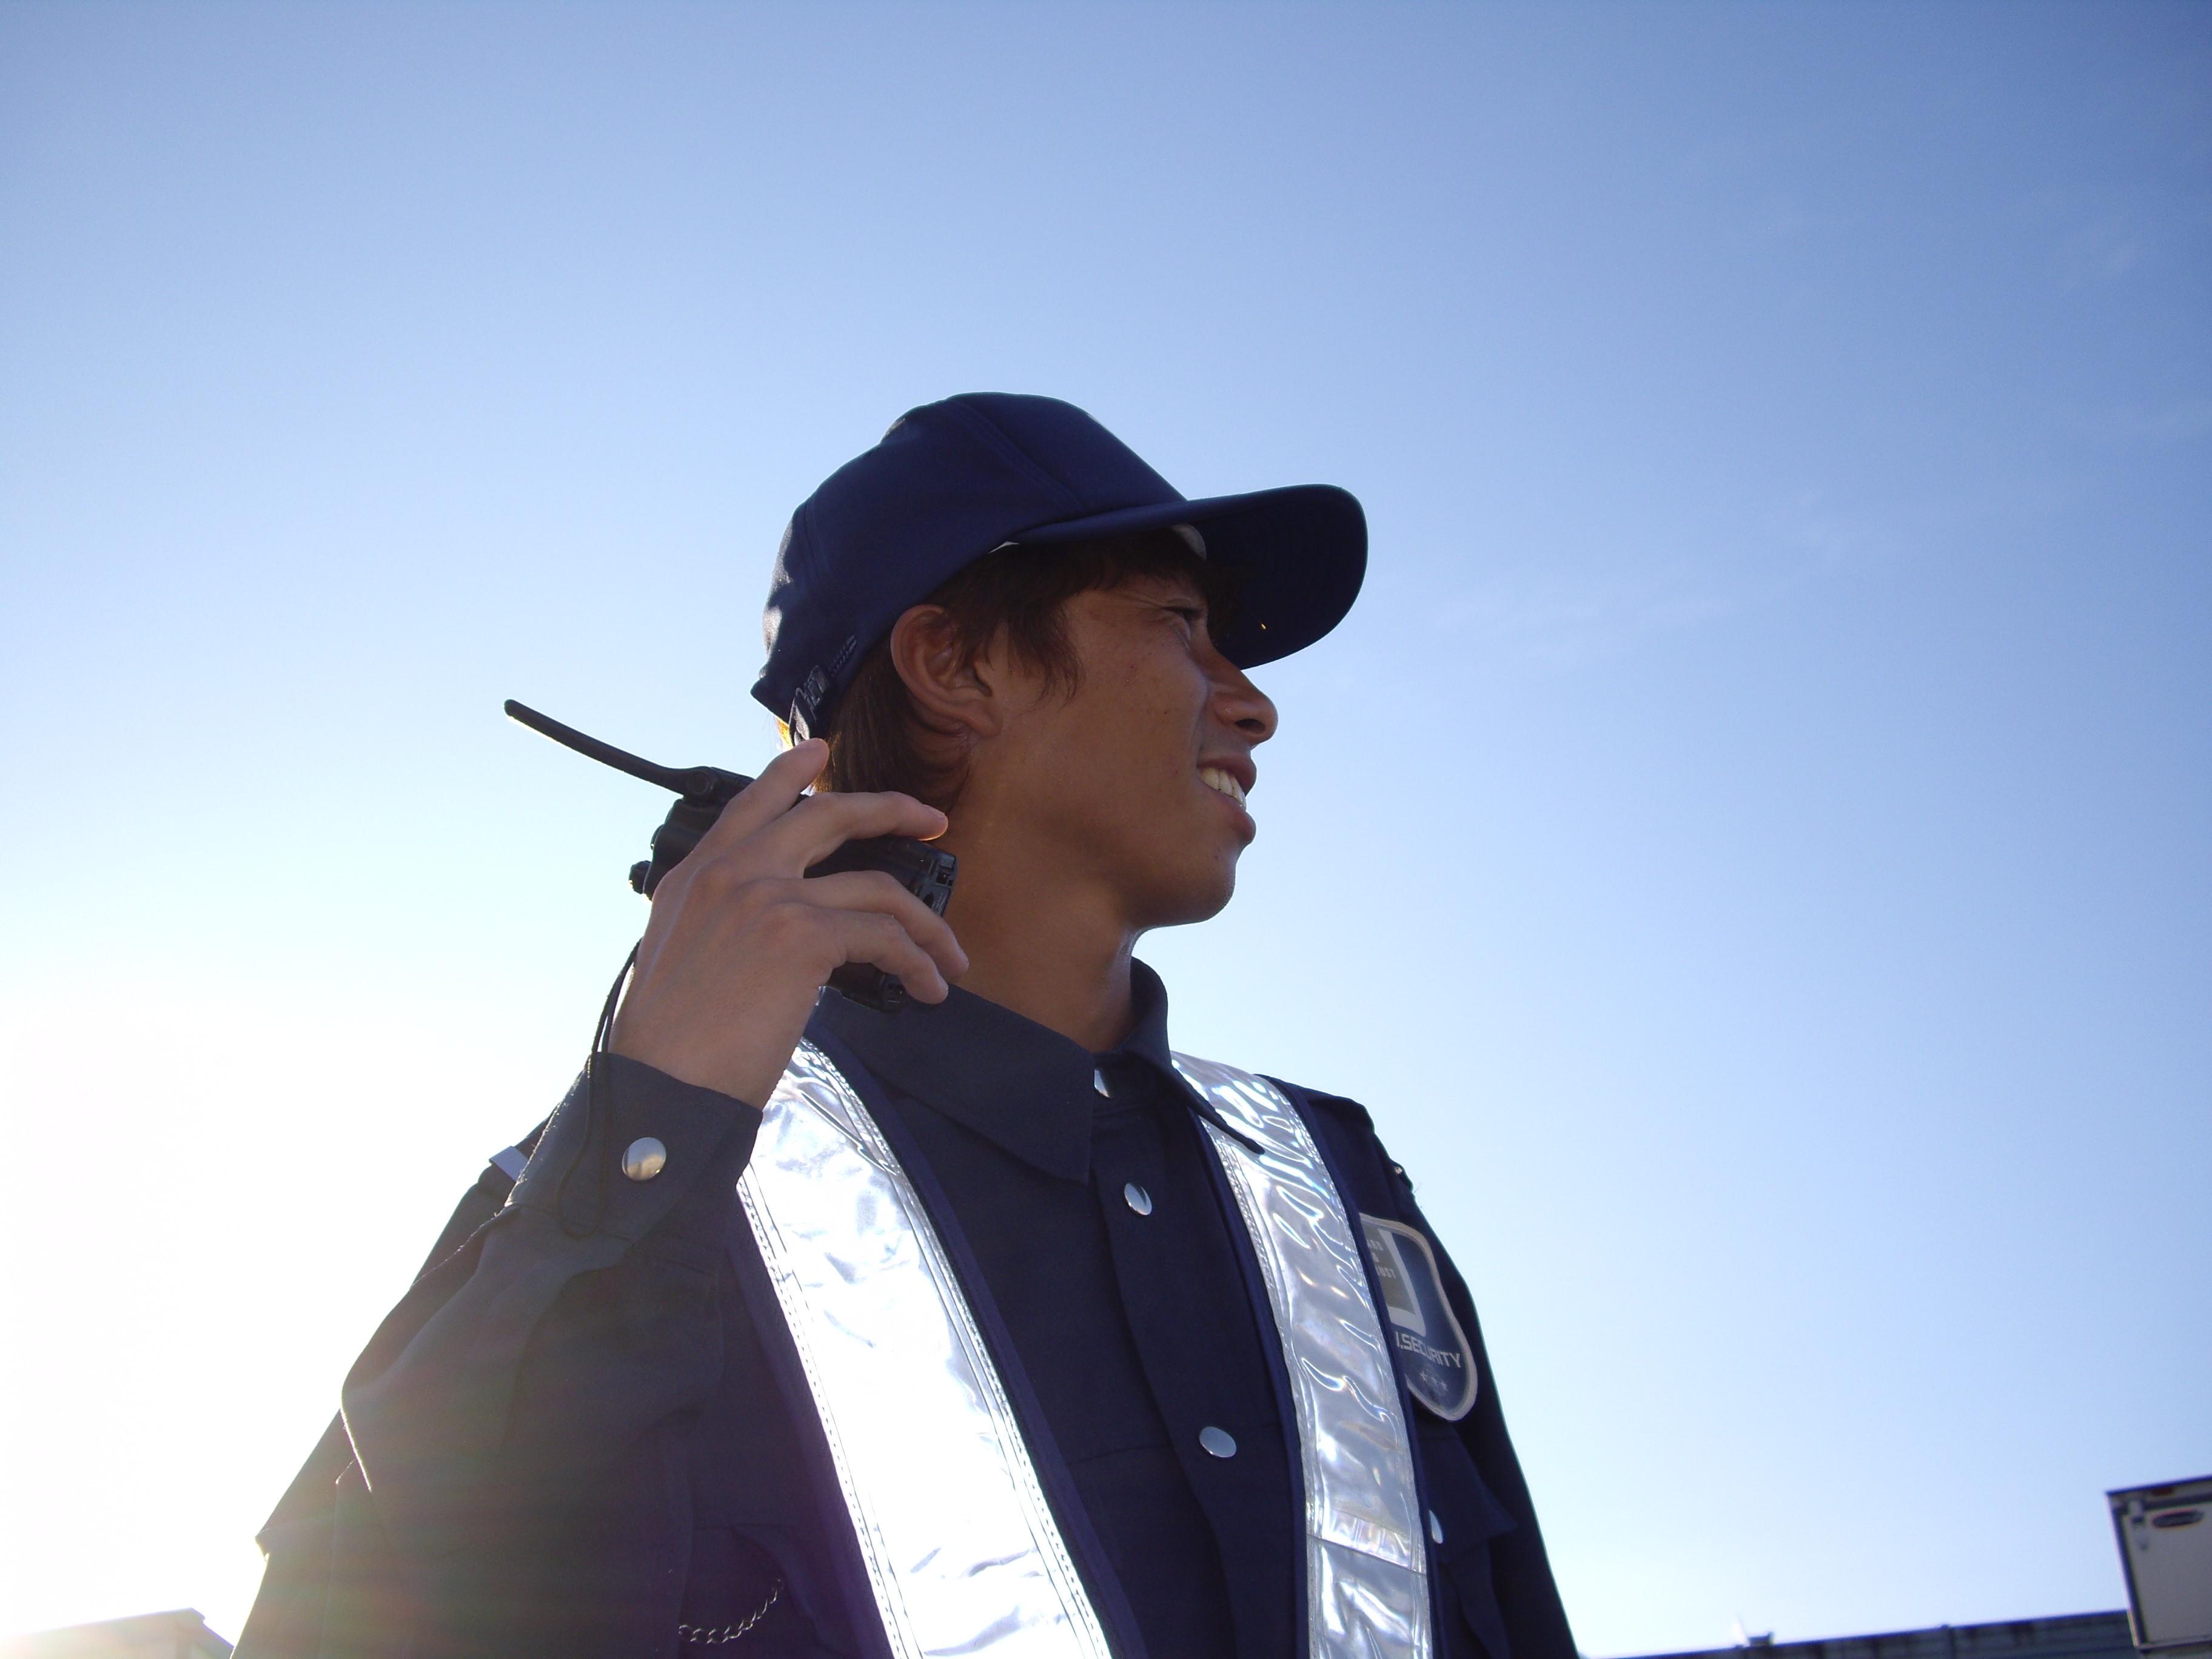 交通誘導スタッフ 西蒲原郡弥彦村エリア 株式会社J.SECURITYのアルバイト情報